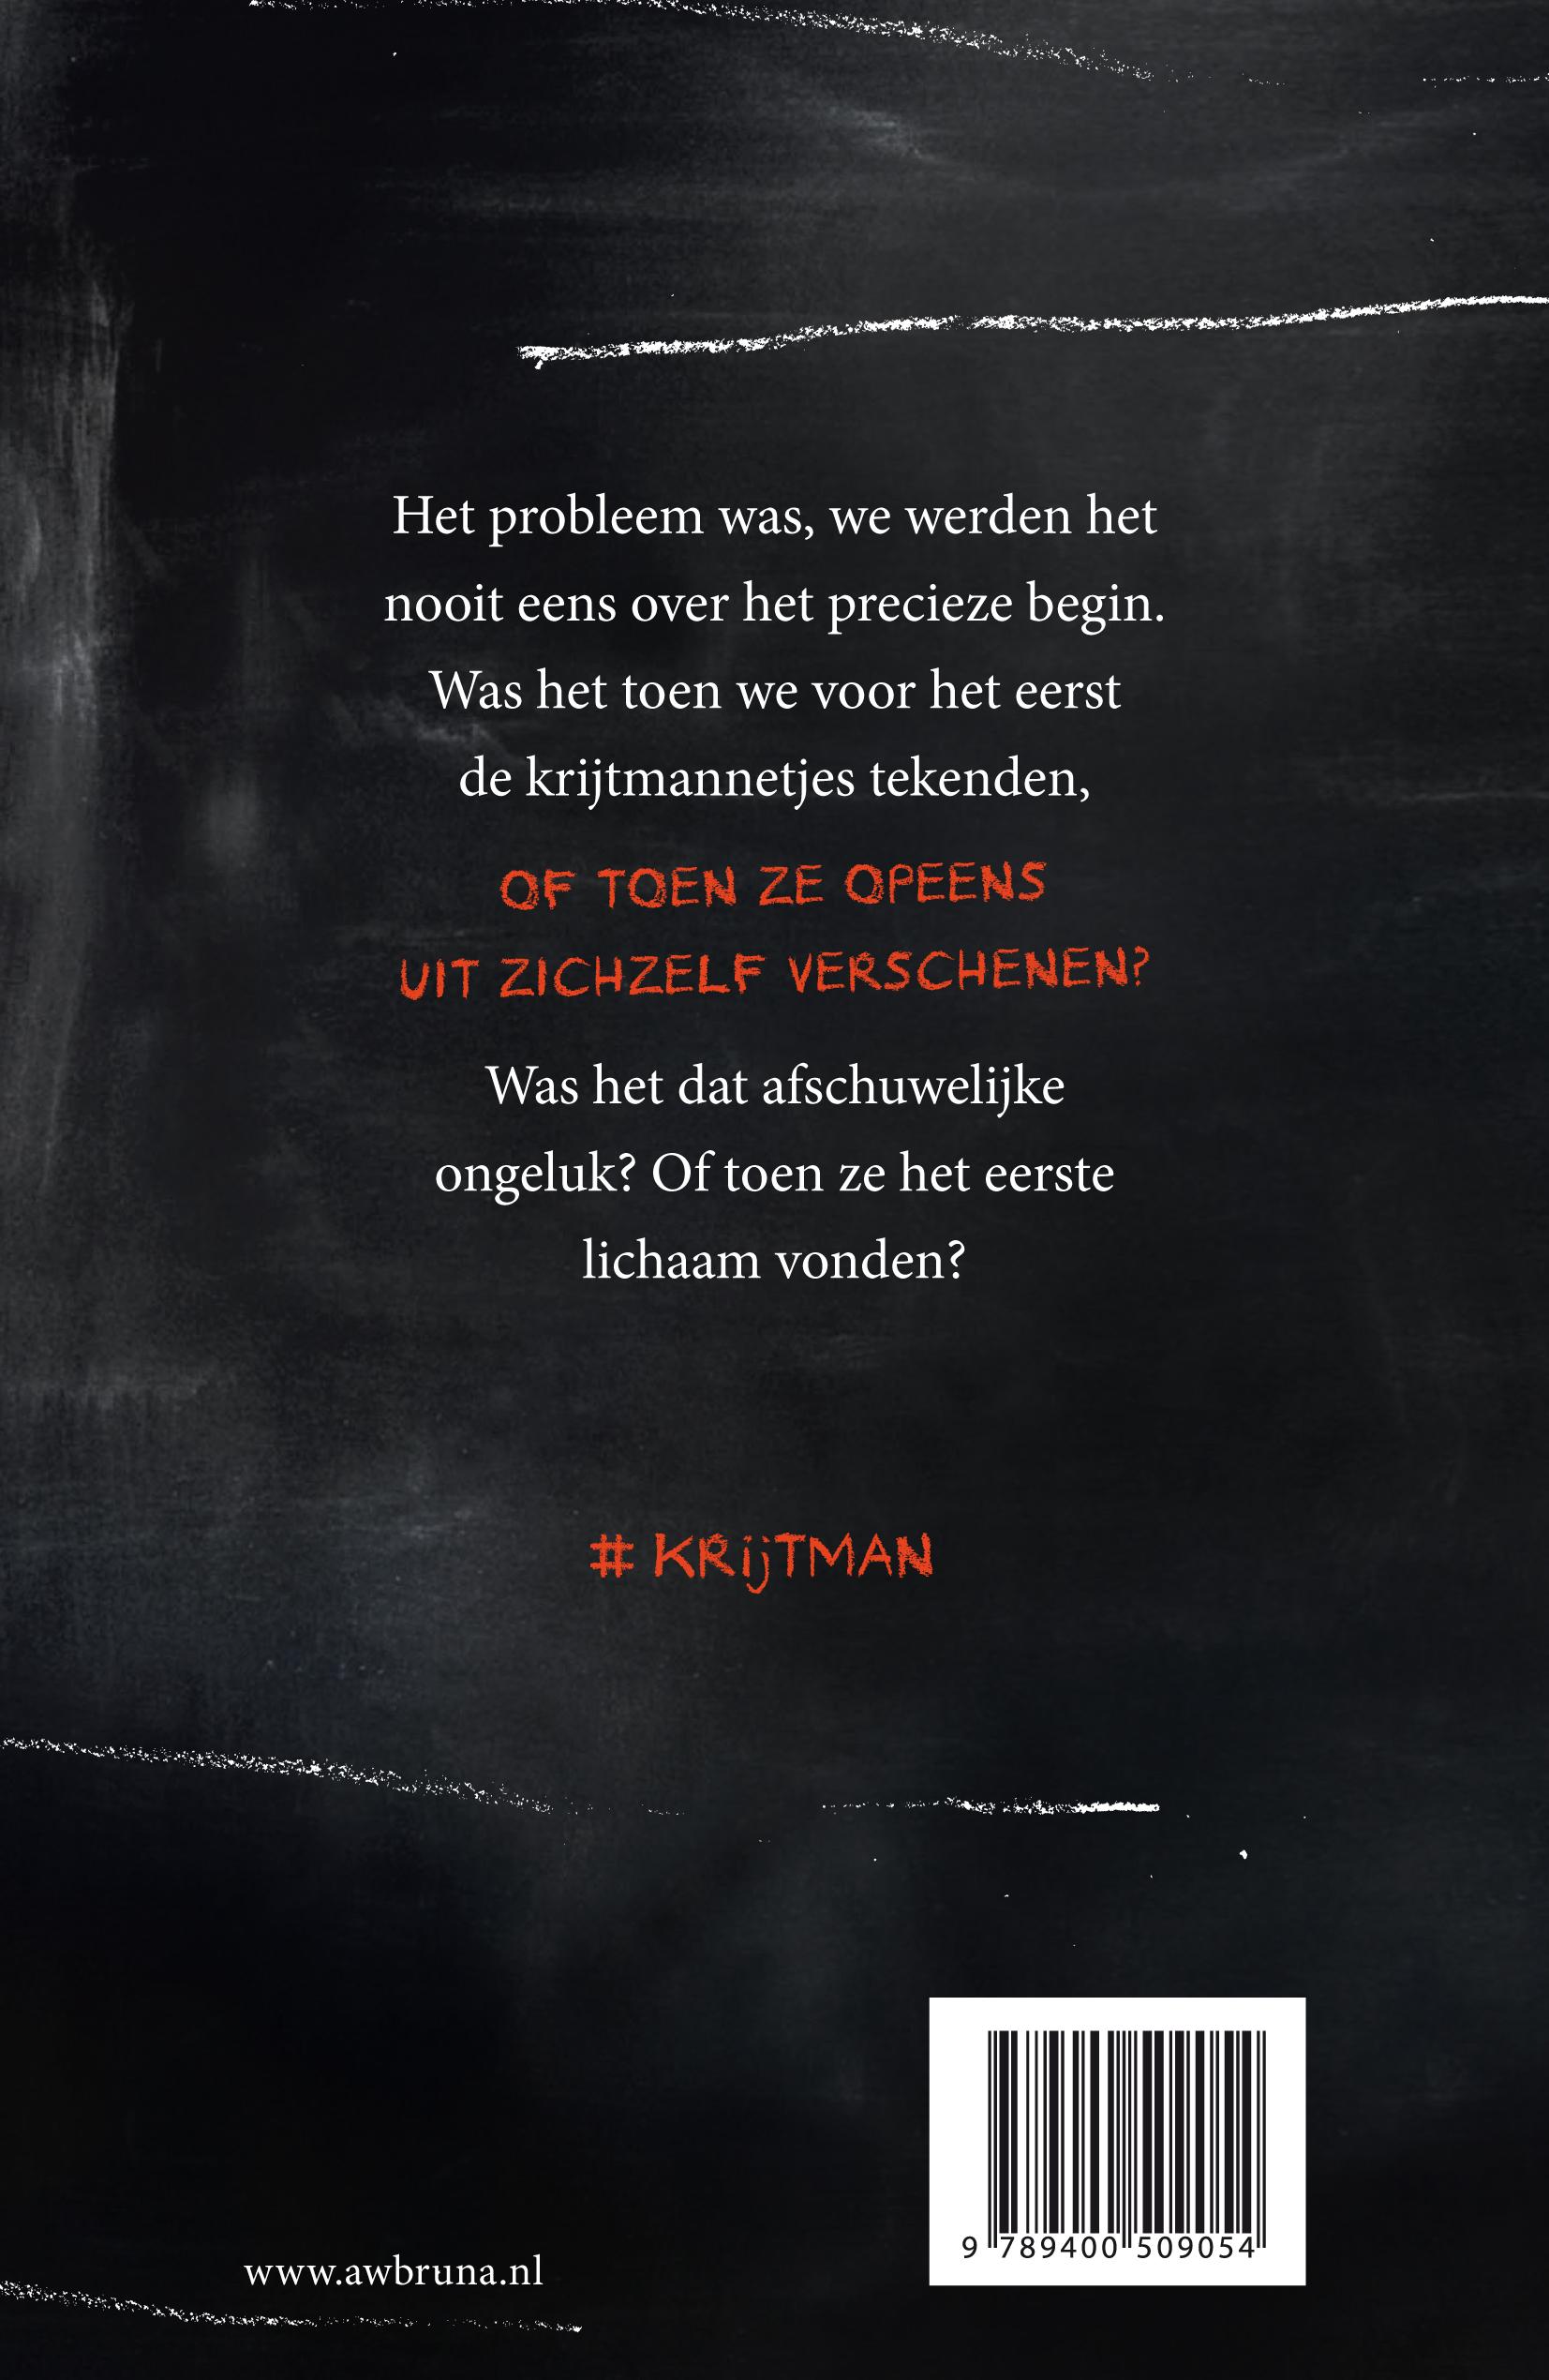 De Krijtman